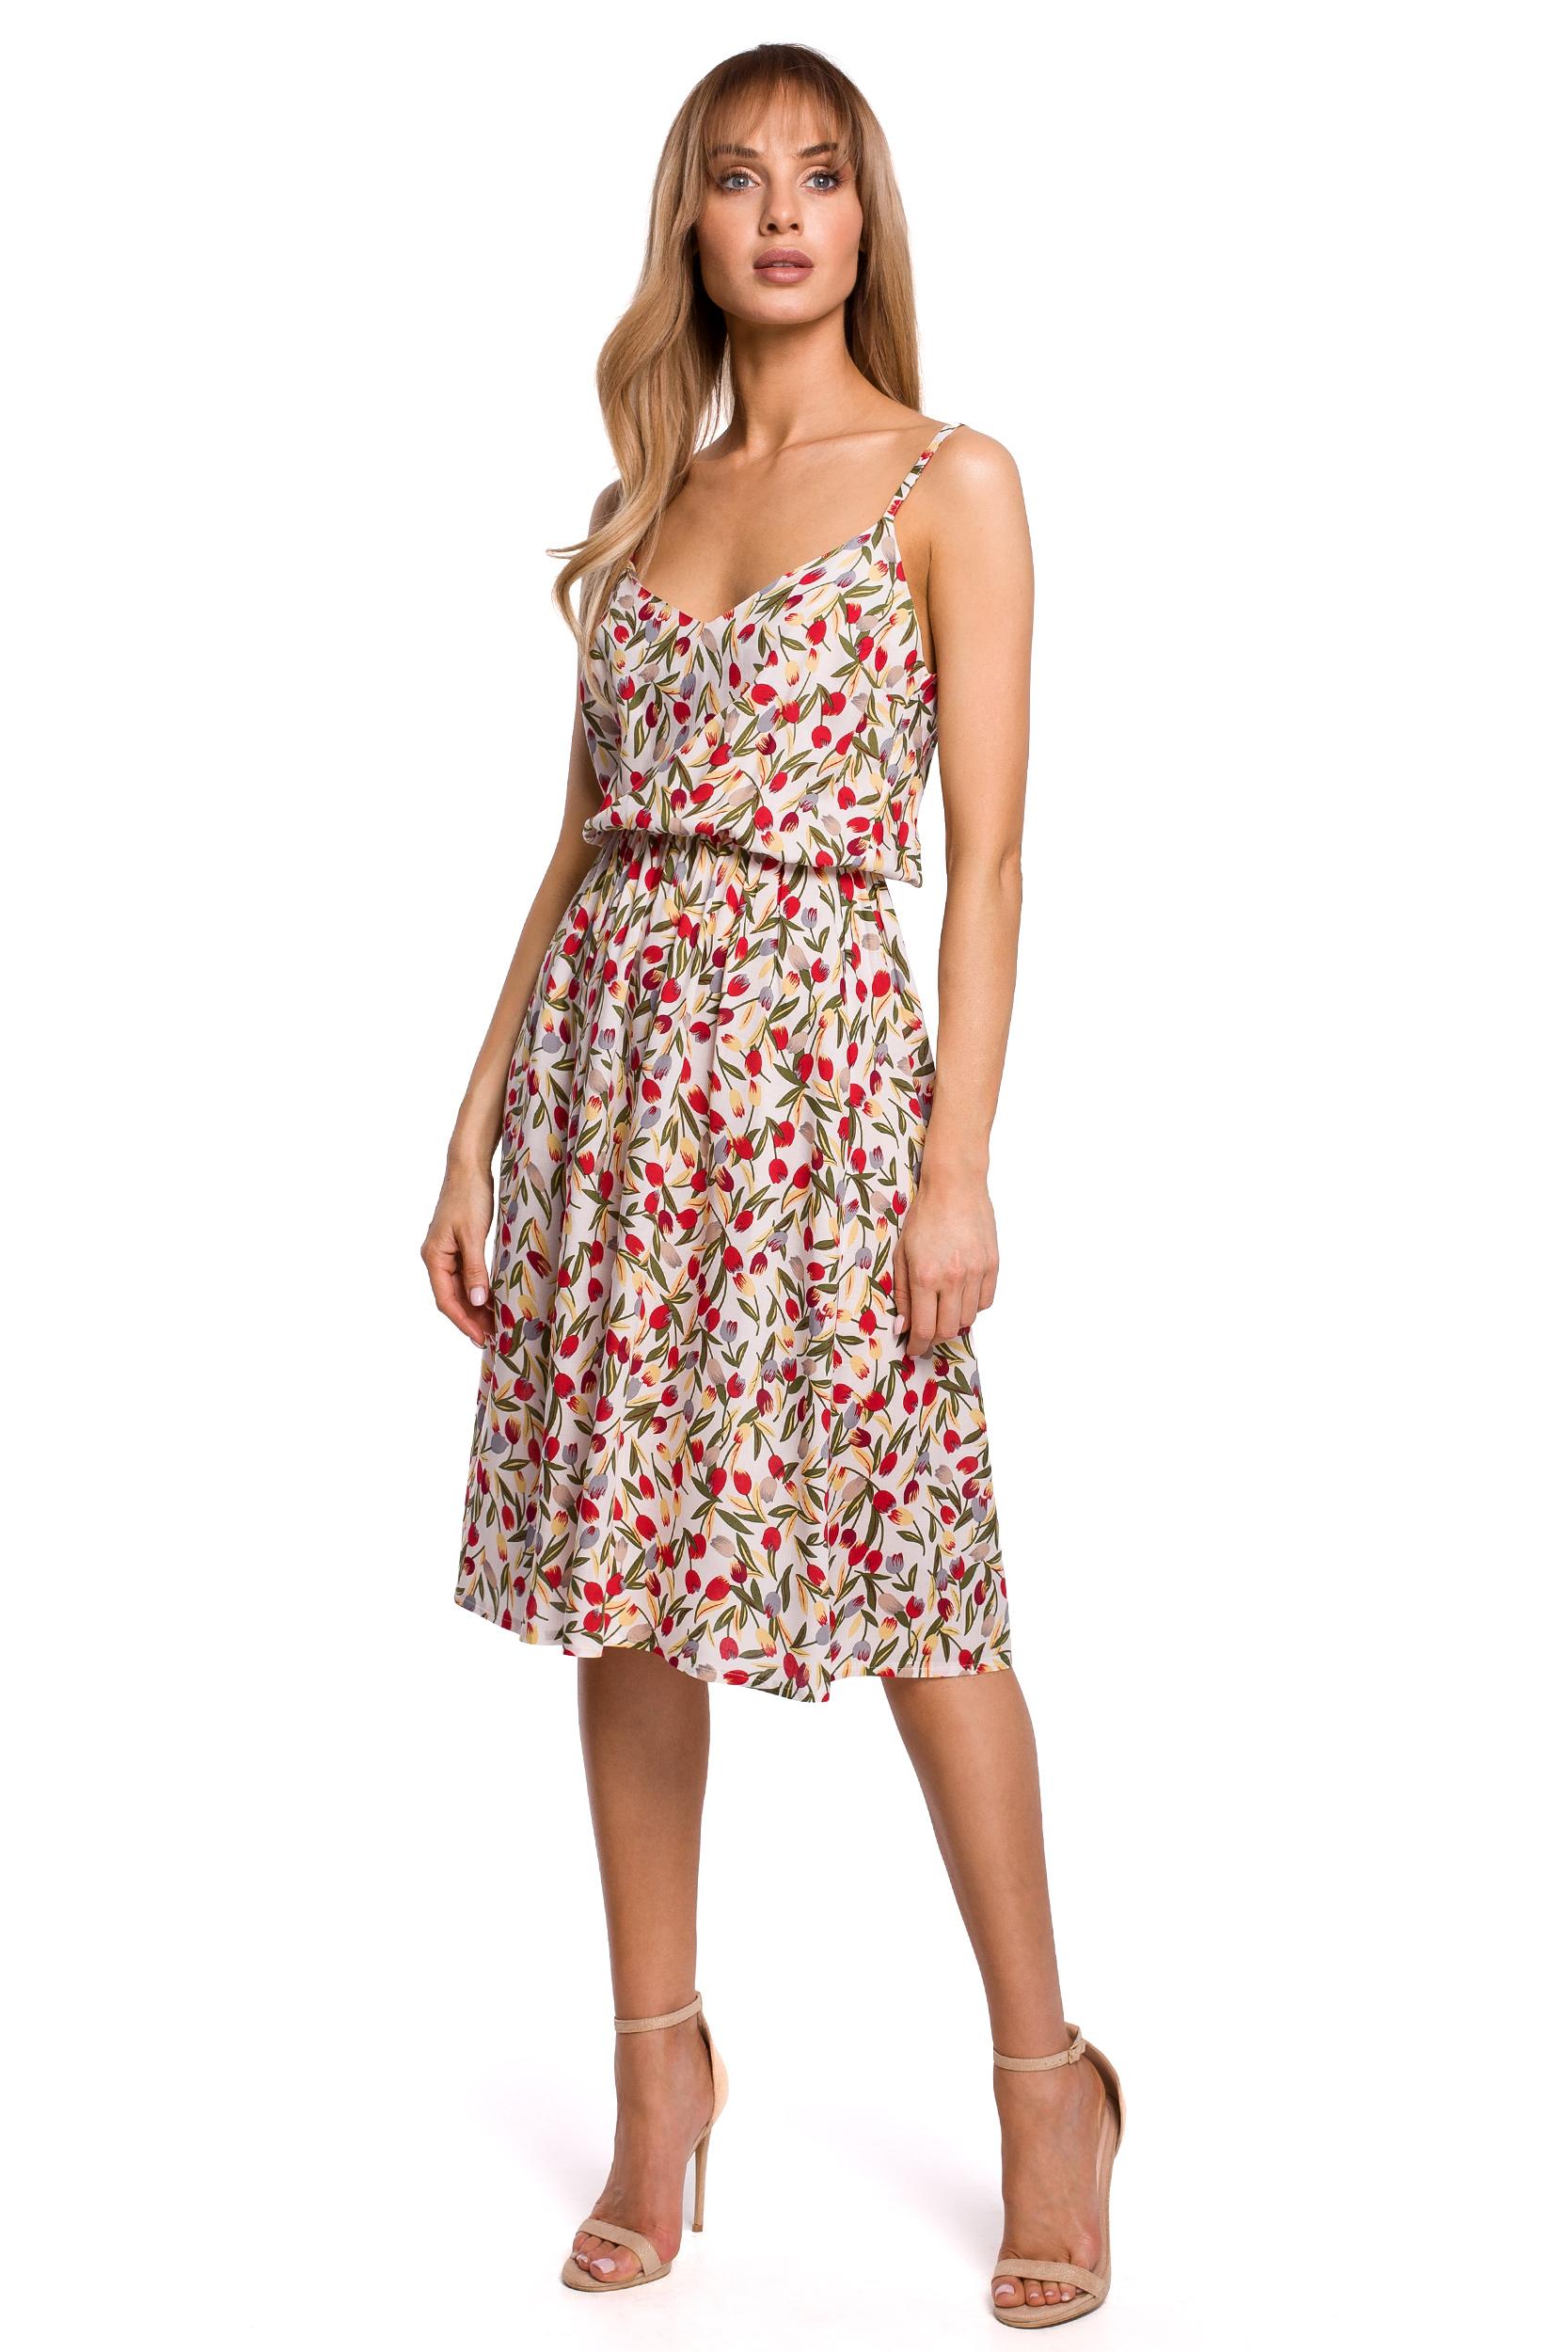 Blommig klänning med resår i midjan